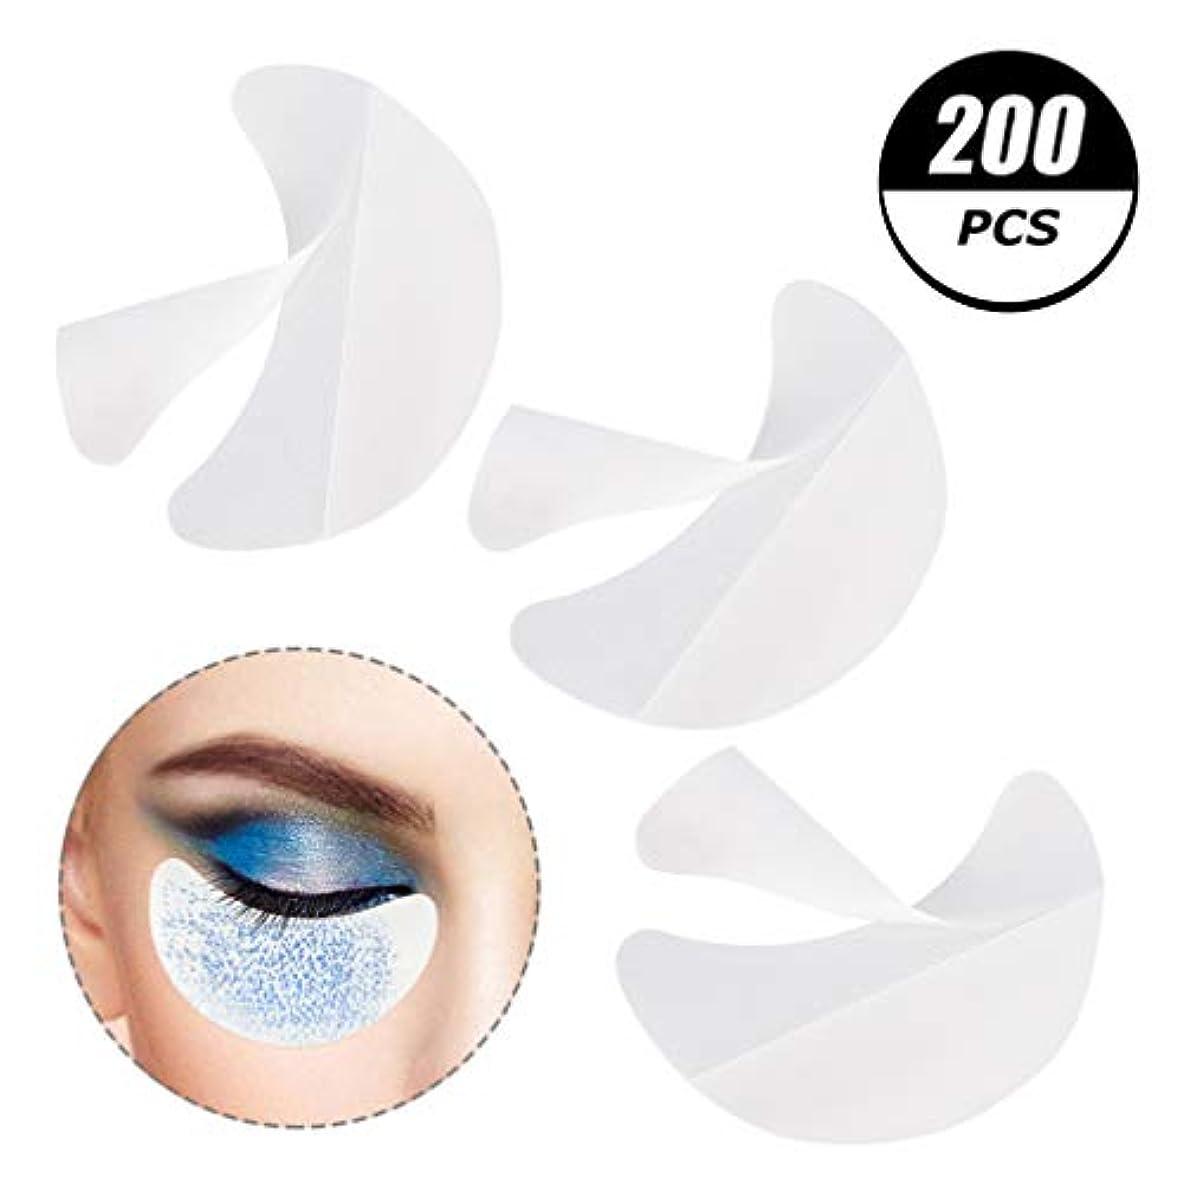 風変わりな休日銀Yoshilimen まつげエクステンションを防止するための比類のない200個のアイシャドウシールドアイメイクパッドアイシャドーステンシル、着色と唇化粧残渣化粧品